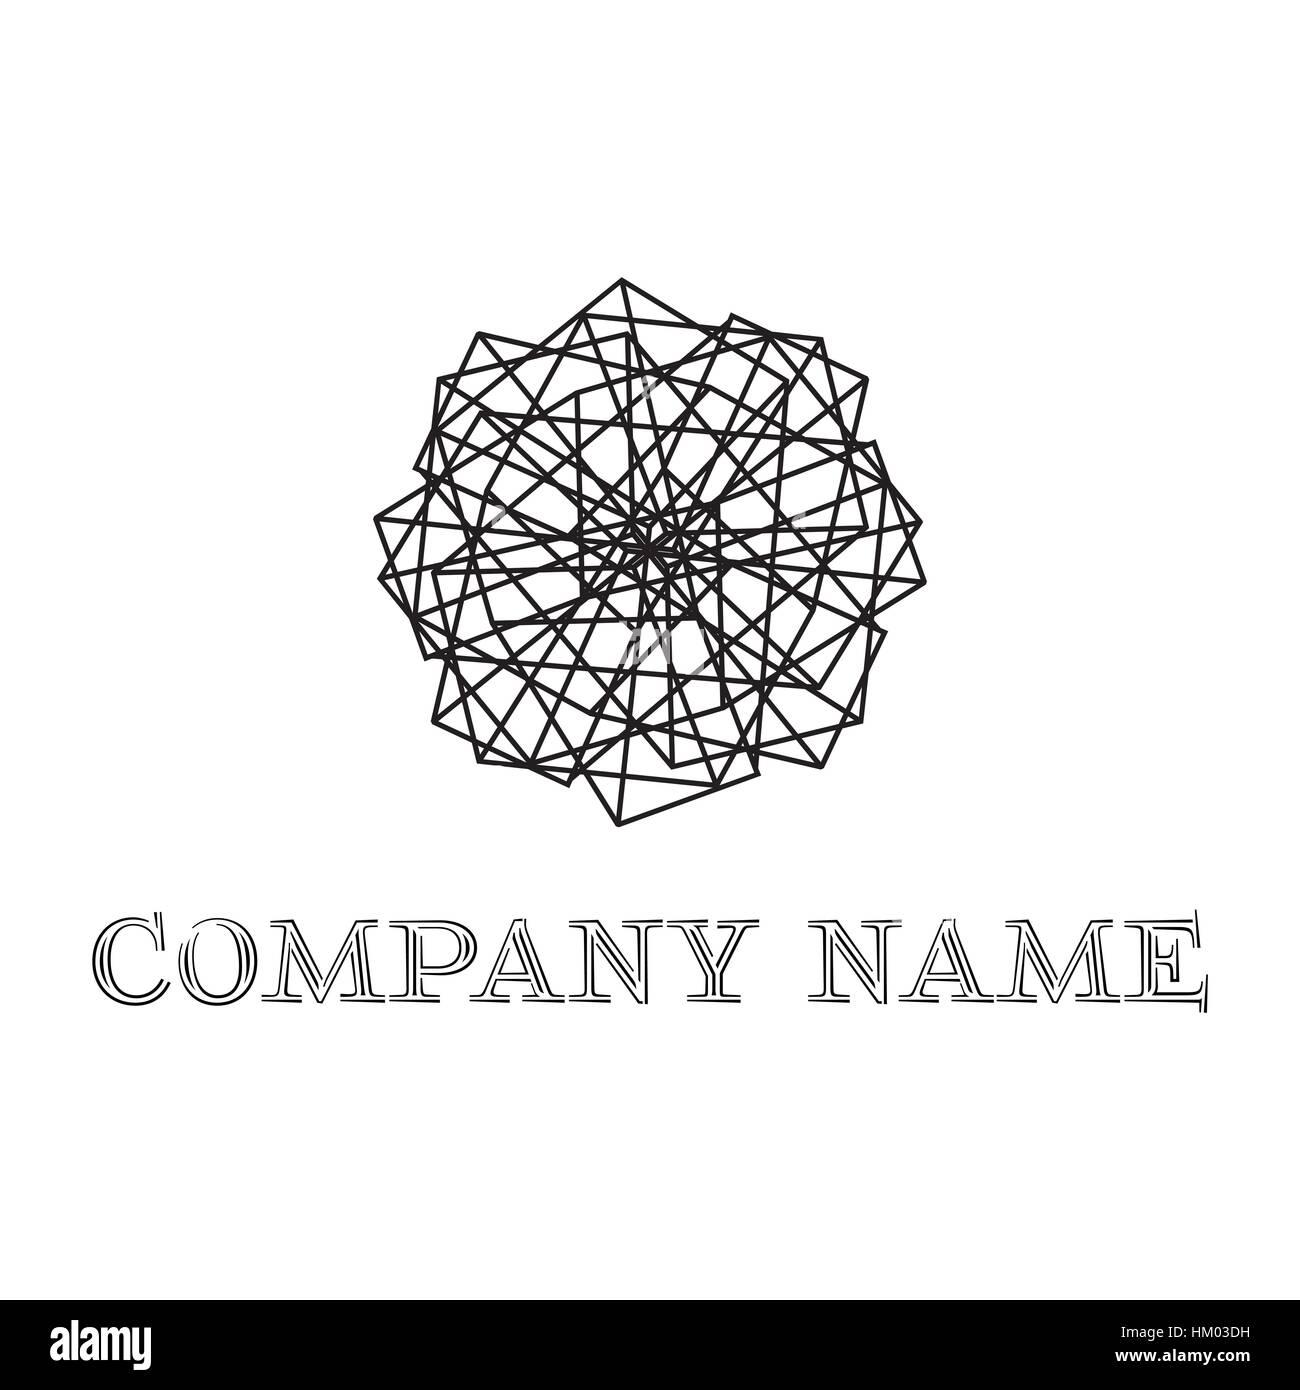 Snowflake Logo Stock Photos & Snowflake Logo Stock Images - Alamy